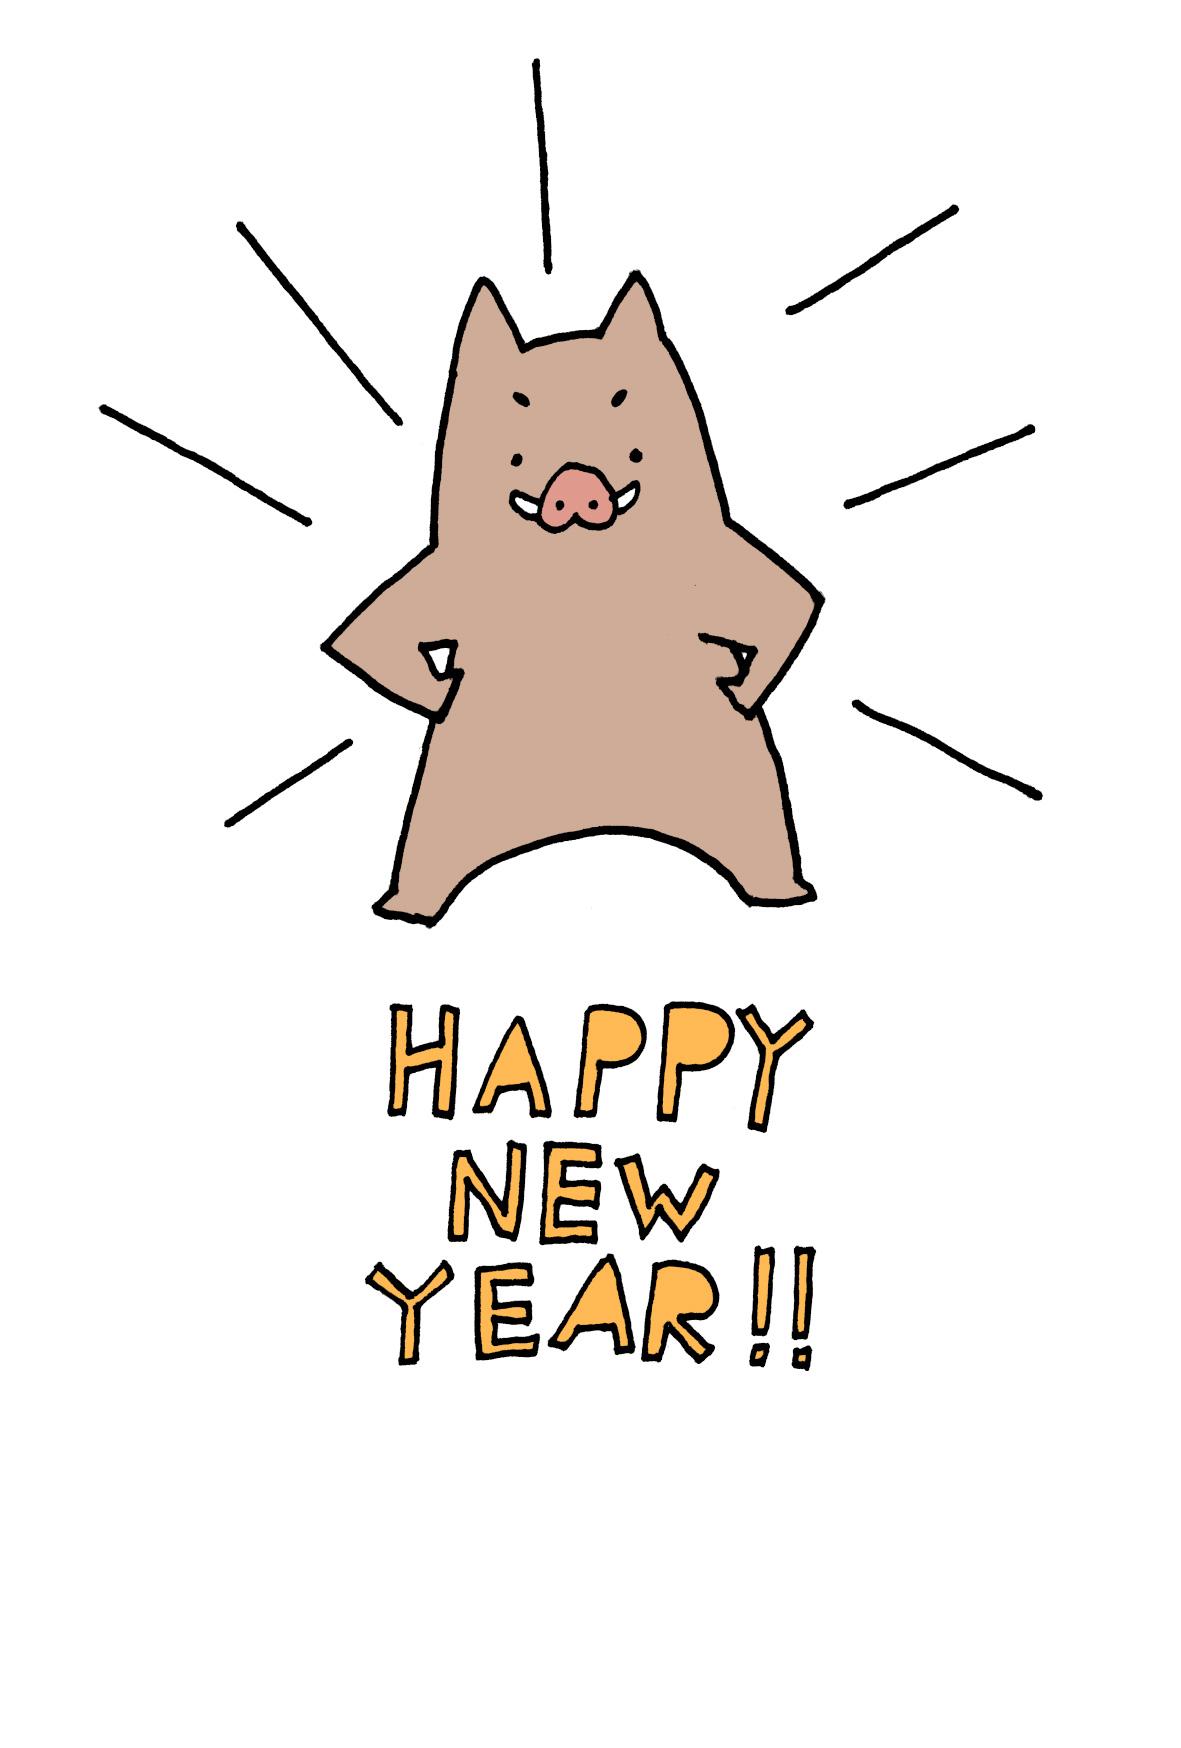 シンプルでかわいいいのしし年賀状イラスト無料素材「自信満々の猪」